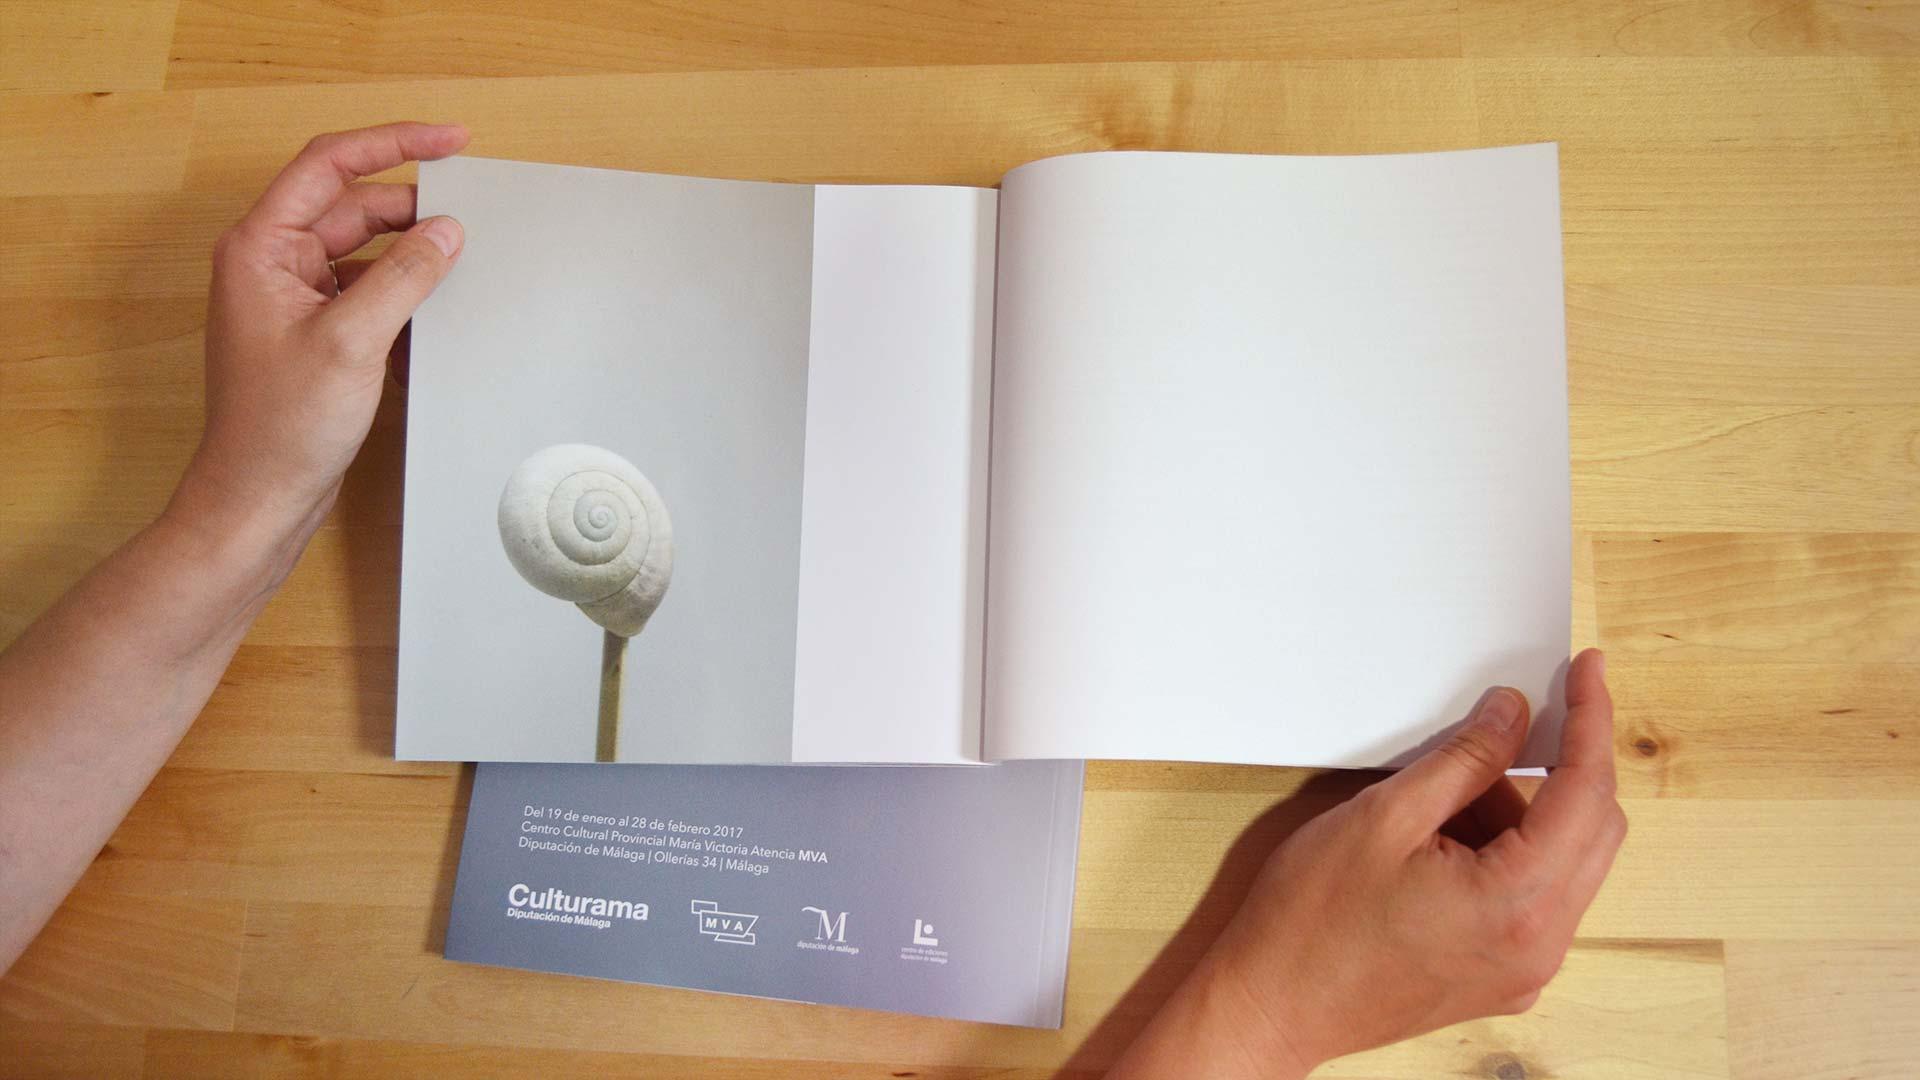 Páginas del catálogo de exposición ``En torno al paisaje`` - SOYTUTIPO